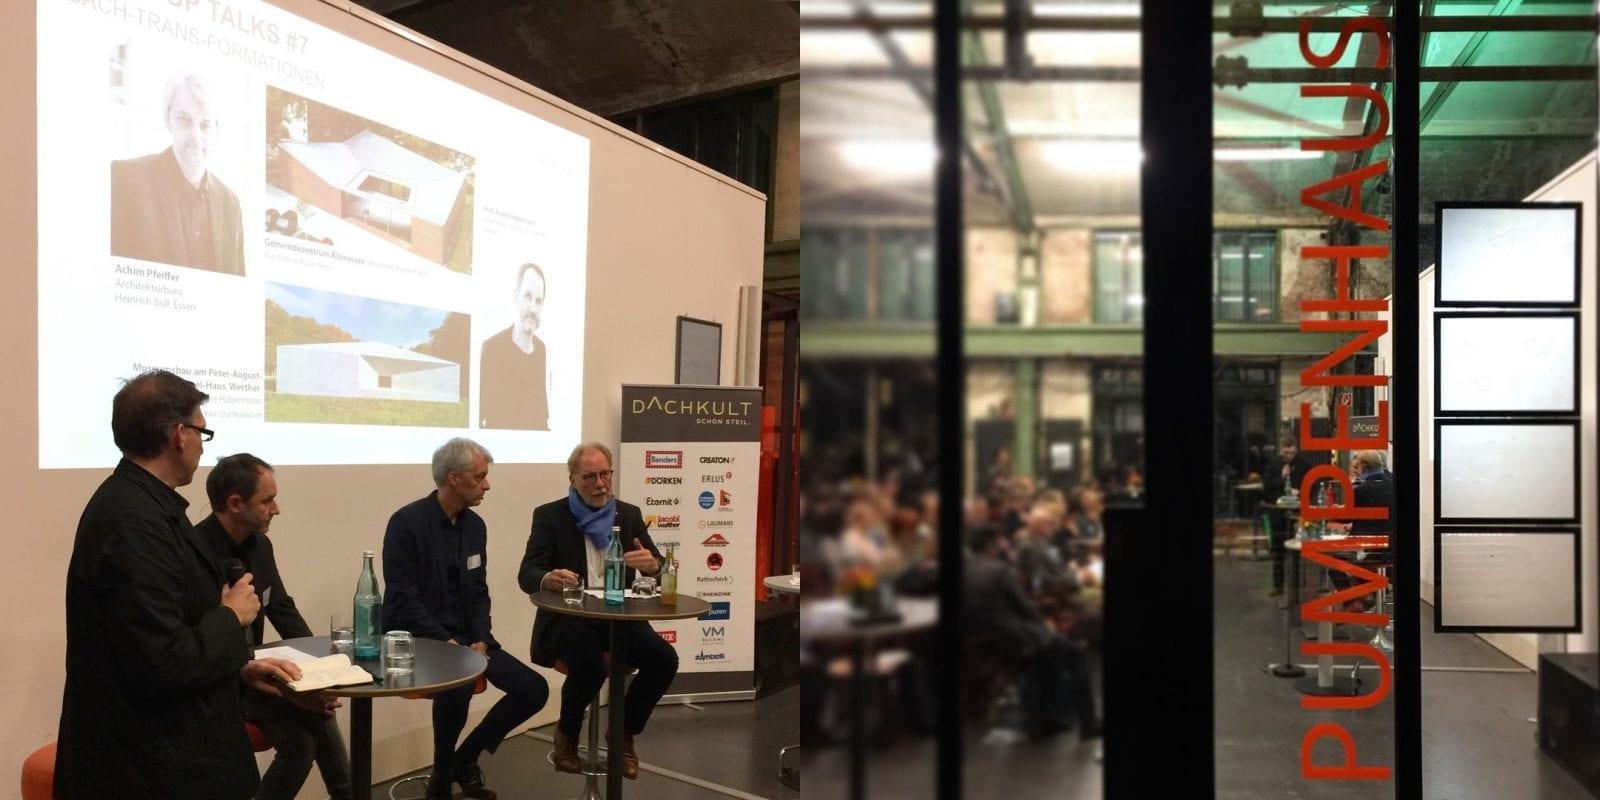 Diskussionsrunde mit Jan R. Krause (Moderation), den Architekten Prof. André Habermann und Achim Pfeiffer sowie Klaus H. Niemann (Dachkult) im Pumpenhaus der Jahrhunderthalle Bochum (Foto: Eric Sturm)